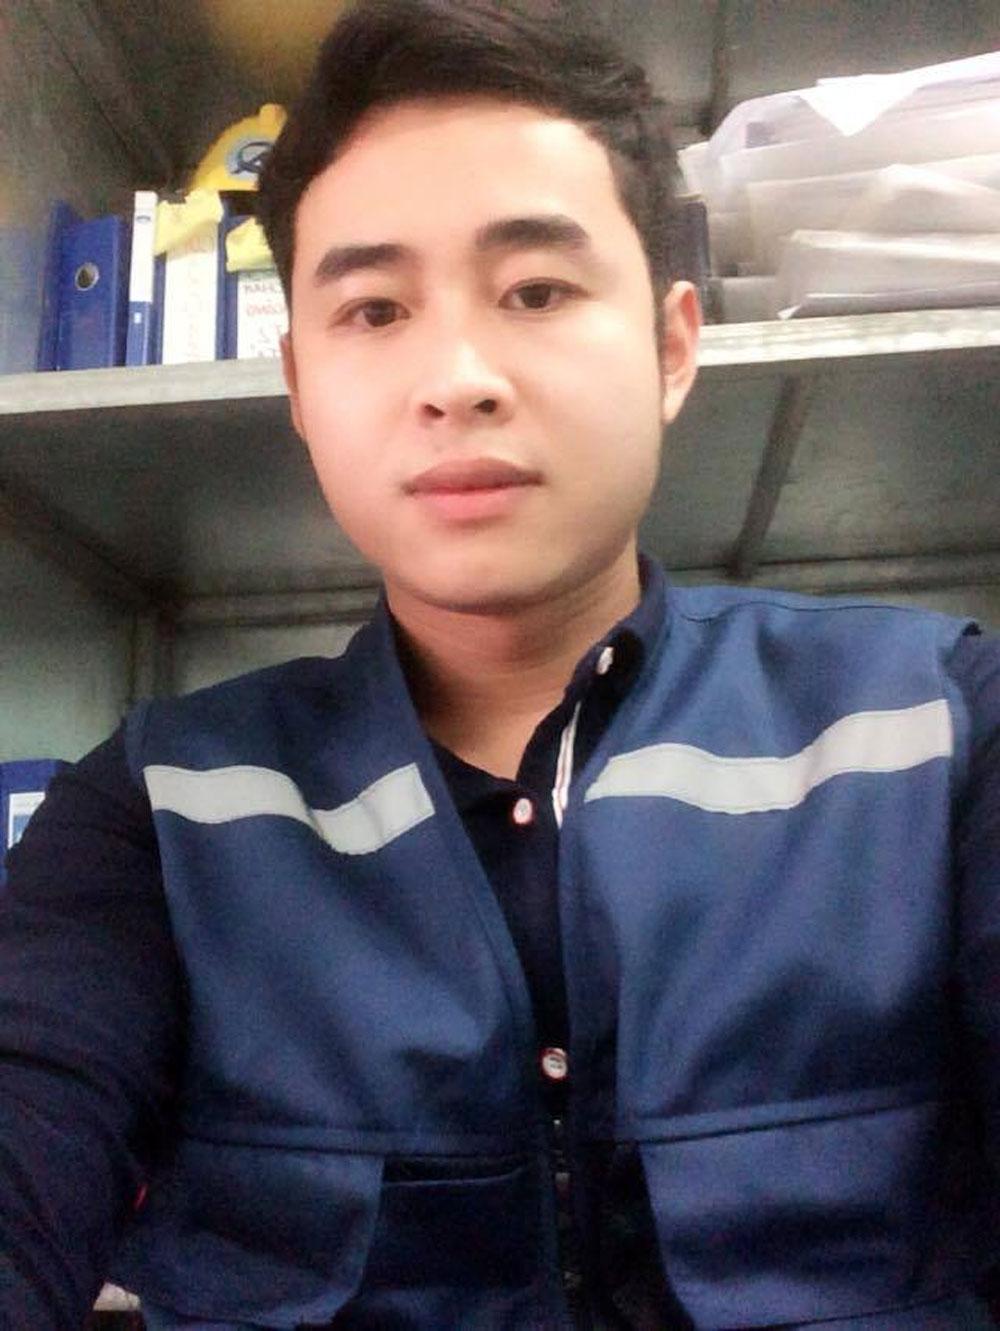 Tài xế Thanh Hóa, đỡ đẻ, sản phụ, lúc 3 giờ sáng,  tài xế Hoàng Việt Cường